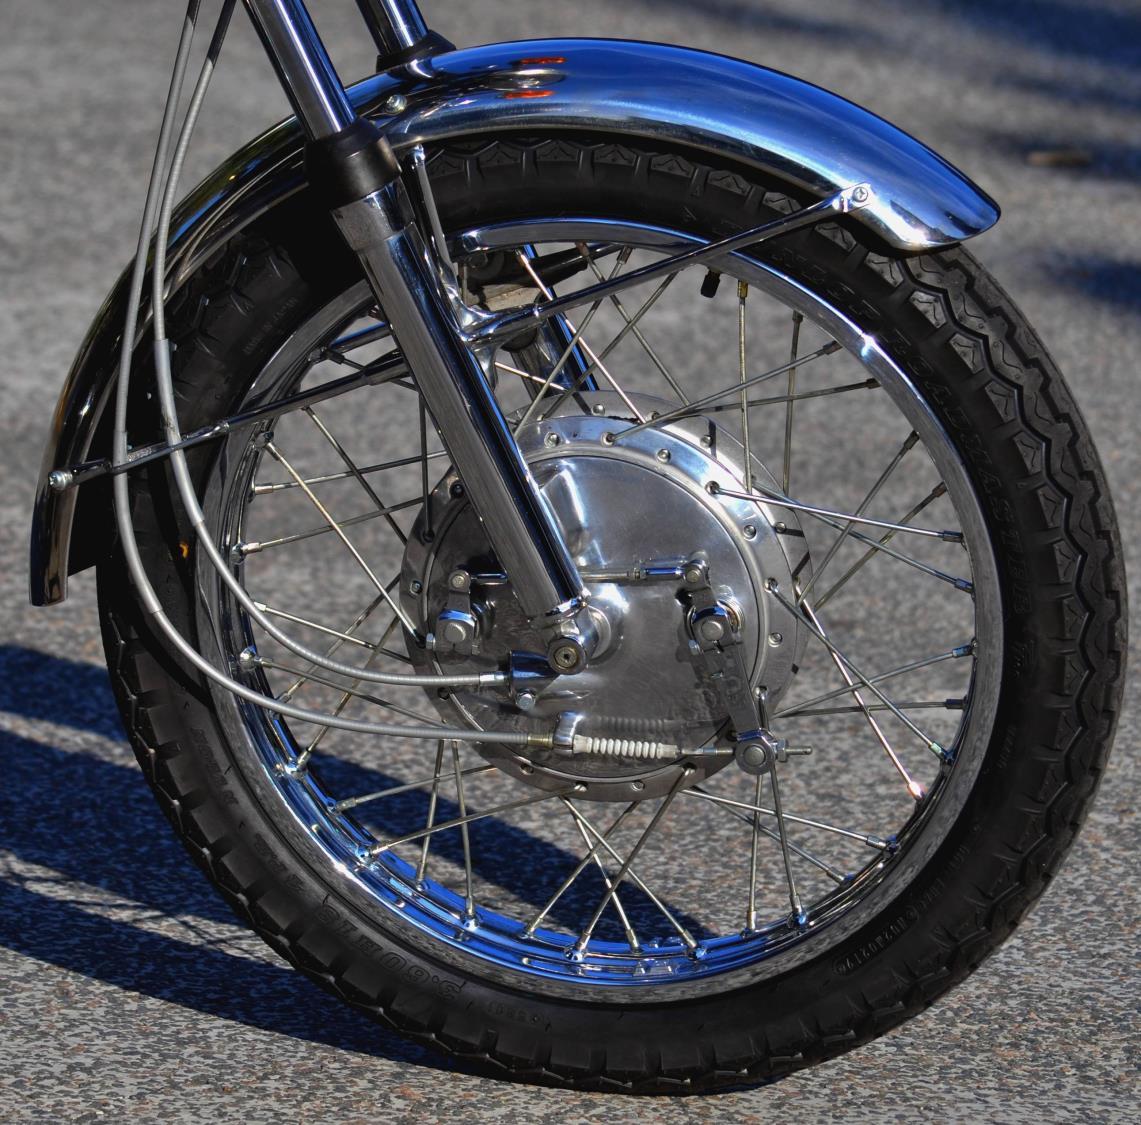 Kawasaki_500_H1_1969__045-024